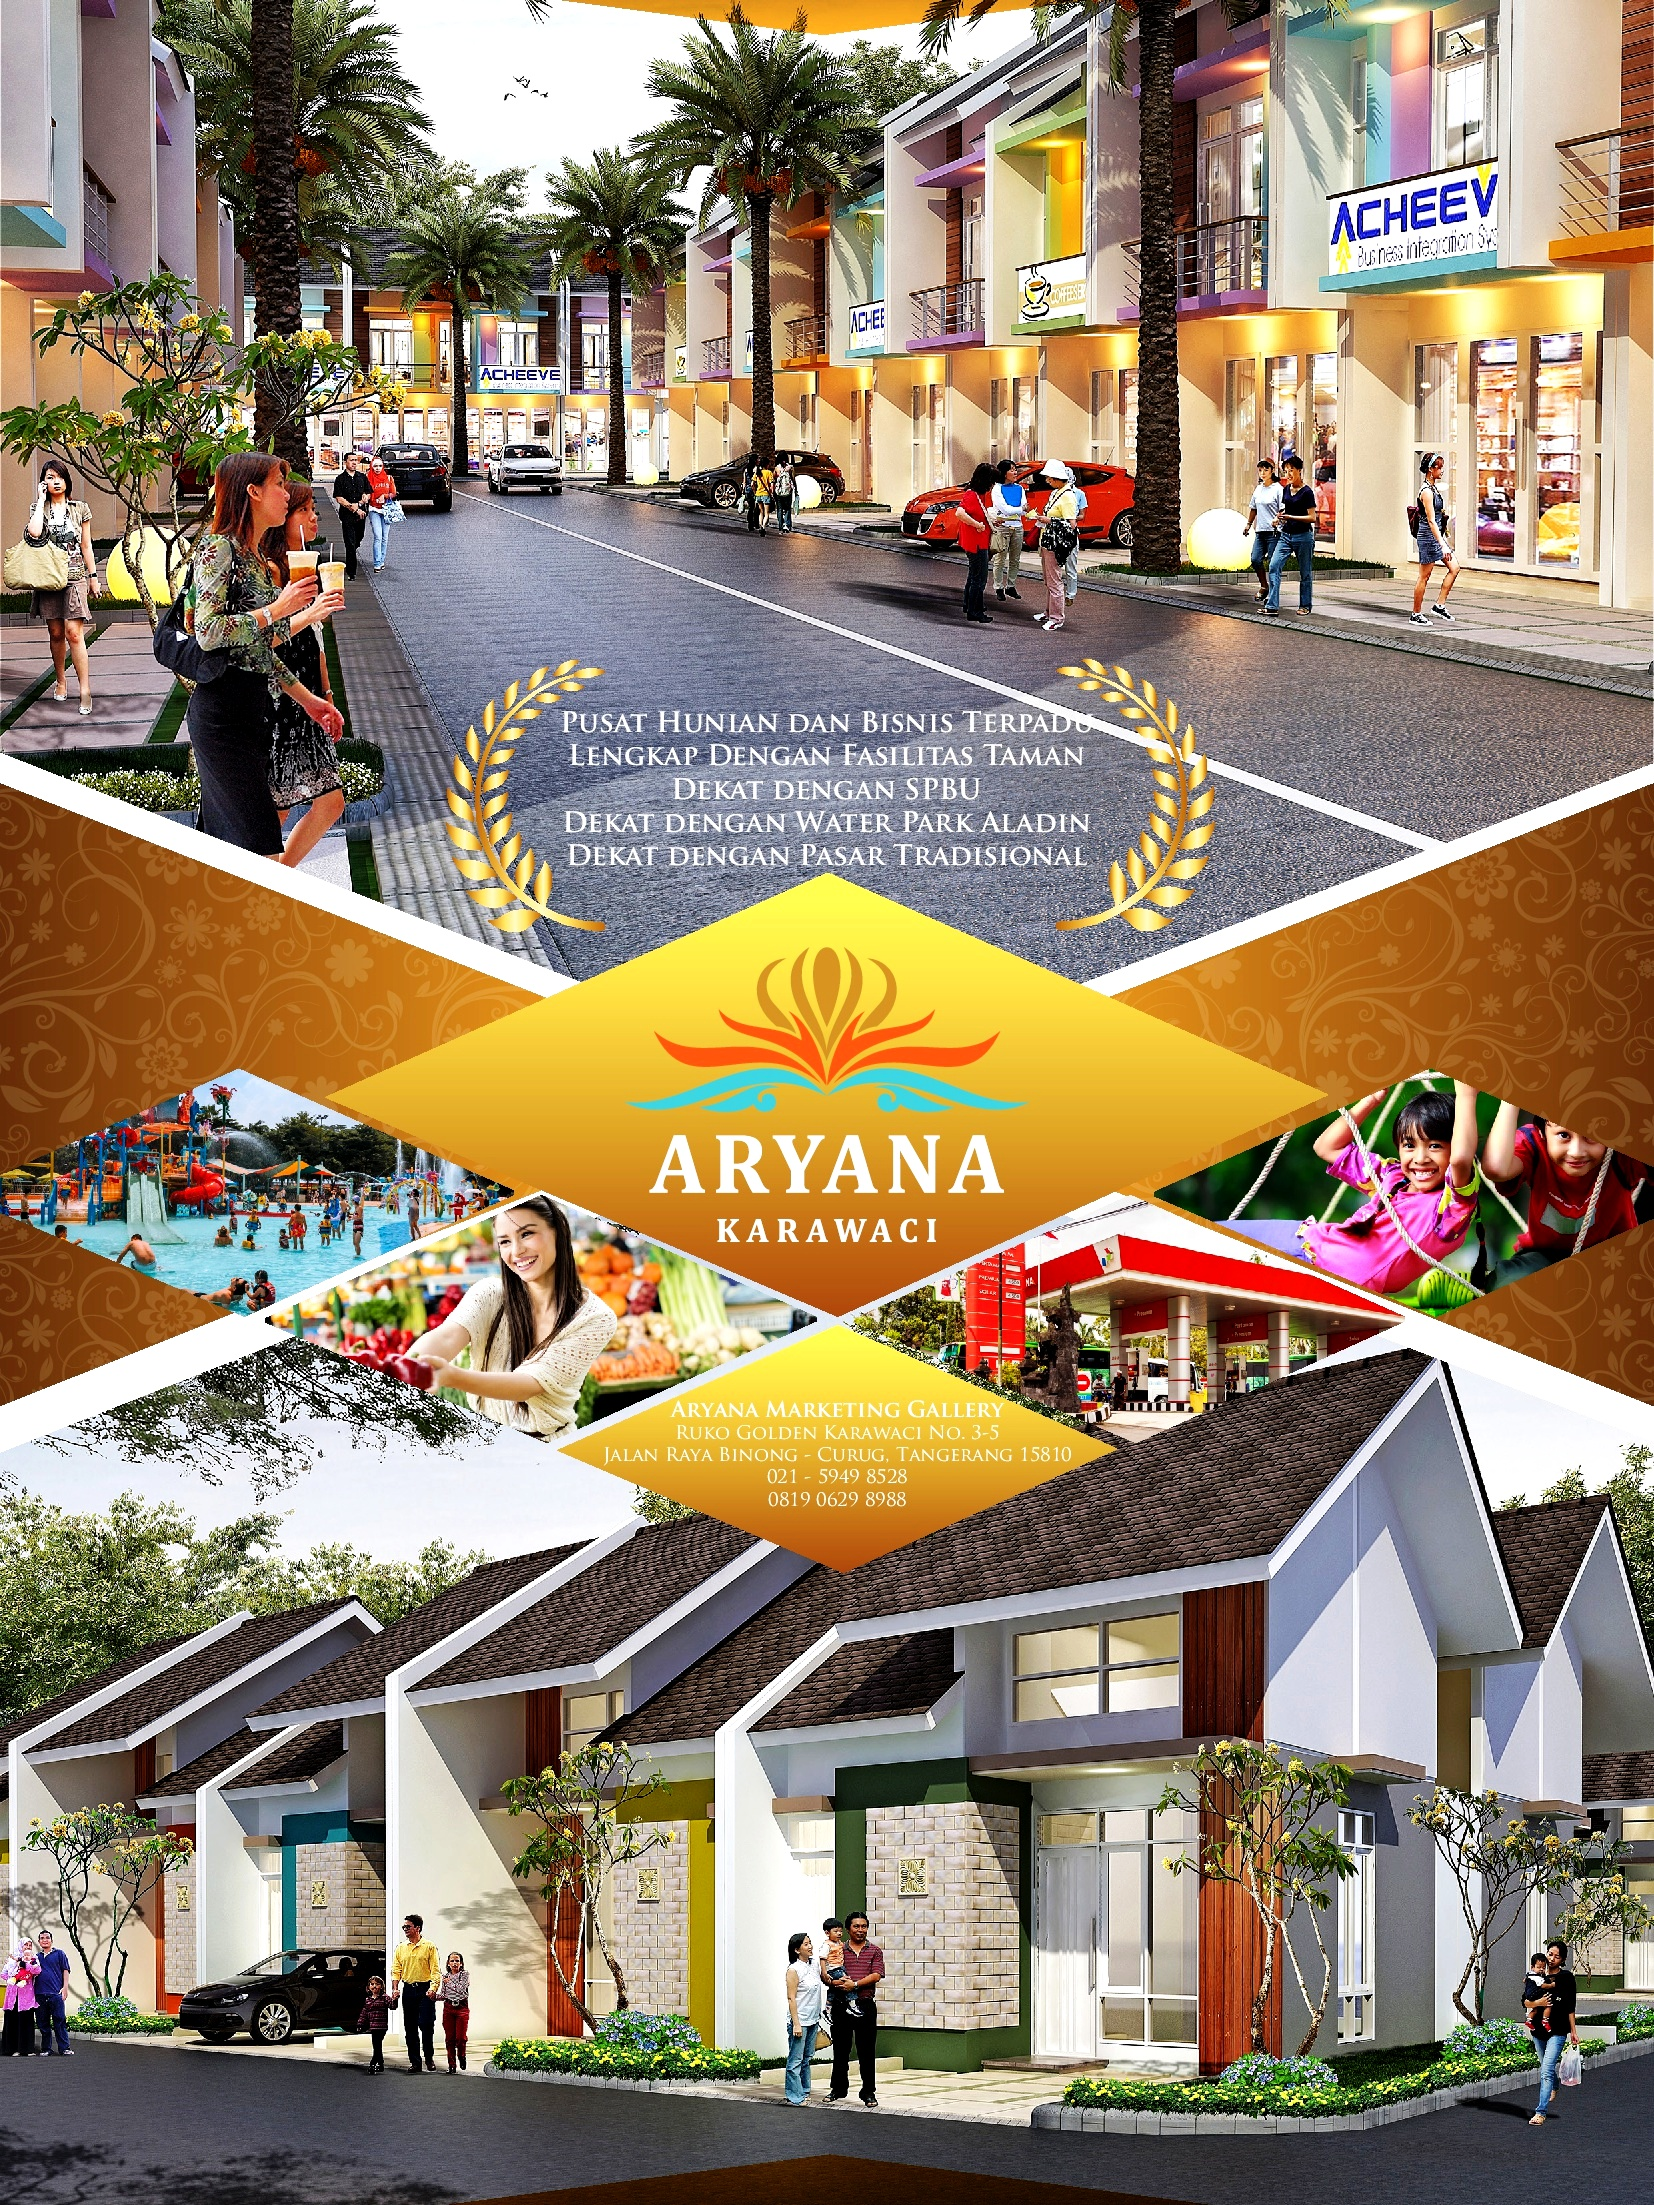 ARYANA KARAWACI rumah Tangerang. Jalan Raya Binong Sukabakti, Curug, Ruko Golden Karawaci no.3-5. Tangerang 15810 telpon (021) 59498528